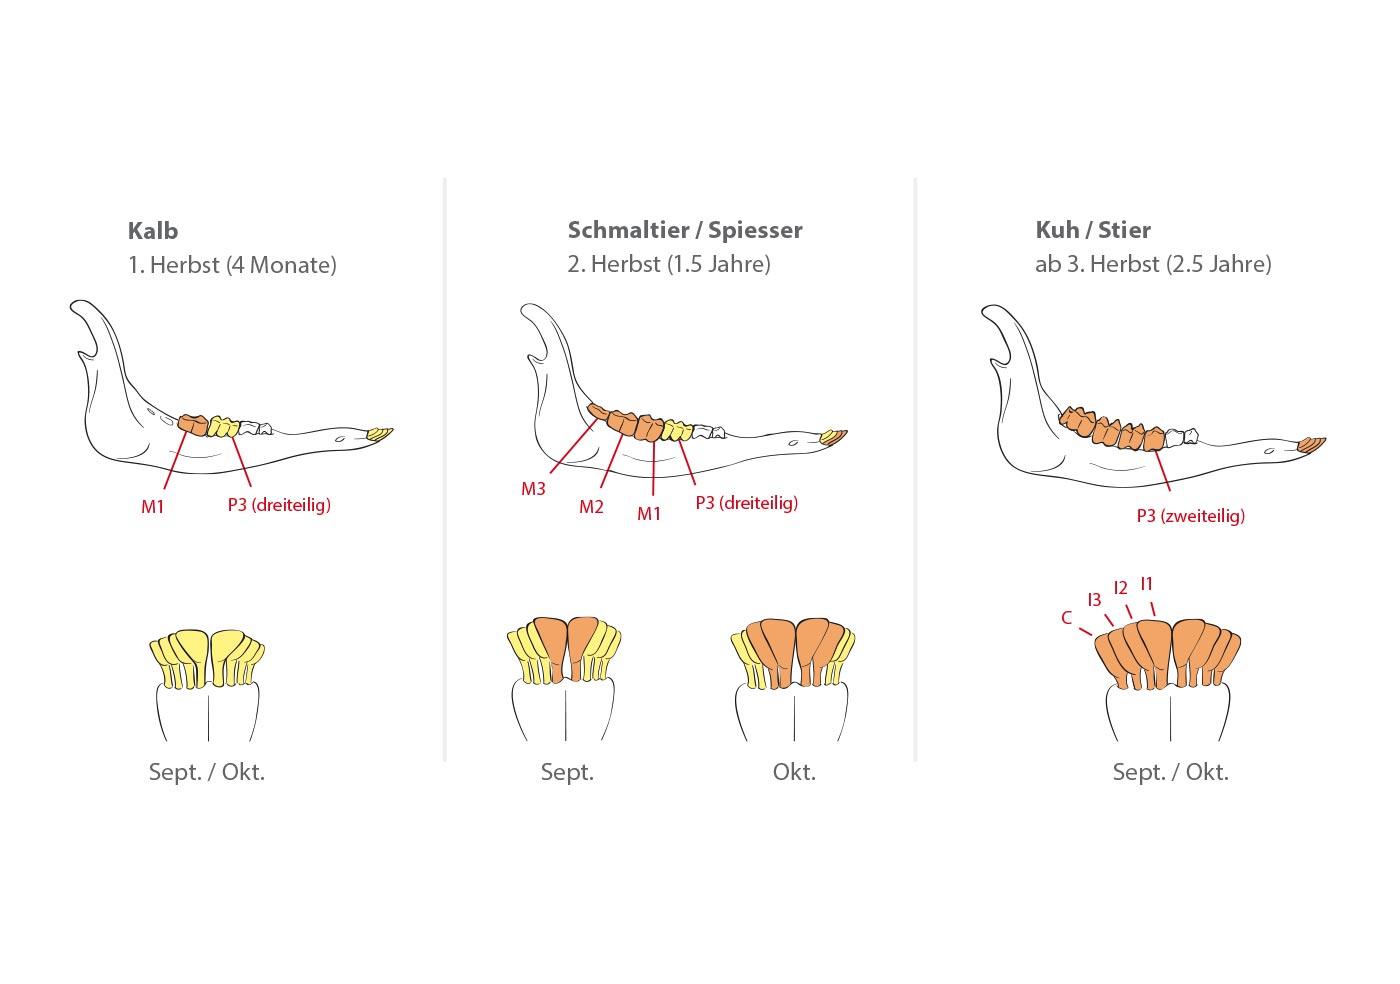 Naturwissenschaftliche Lehrbuch-Illustrationen illustrat – Nadine Colin